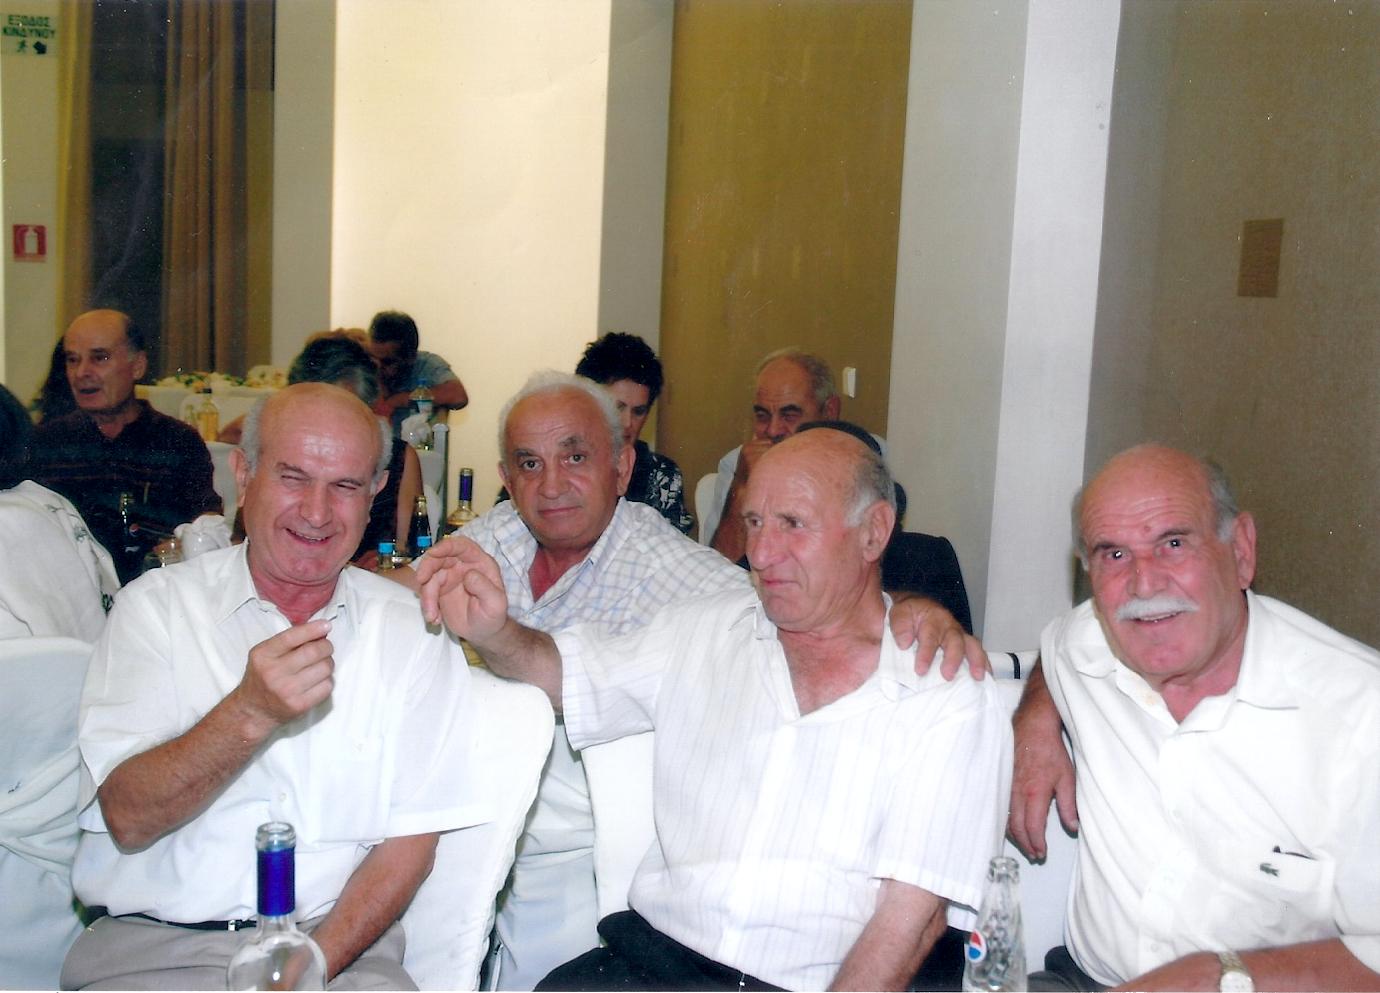 Από αριστερά Βενιαμίν Αμοιρίδης - Μιχάλης Καραγιανίδης - Νεόφυτος Αμοιρίδης - Παναγιώτης Αμοιρίδης